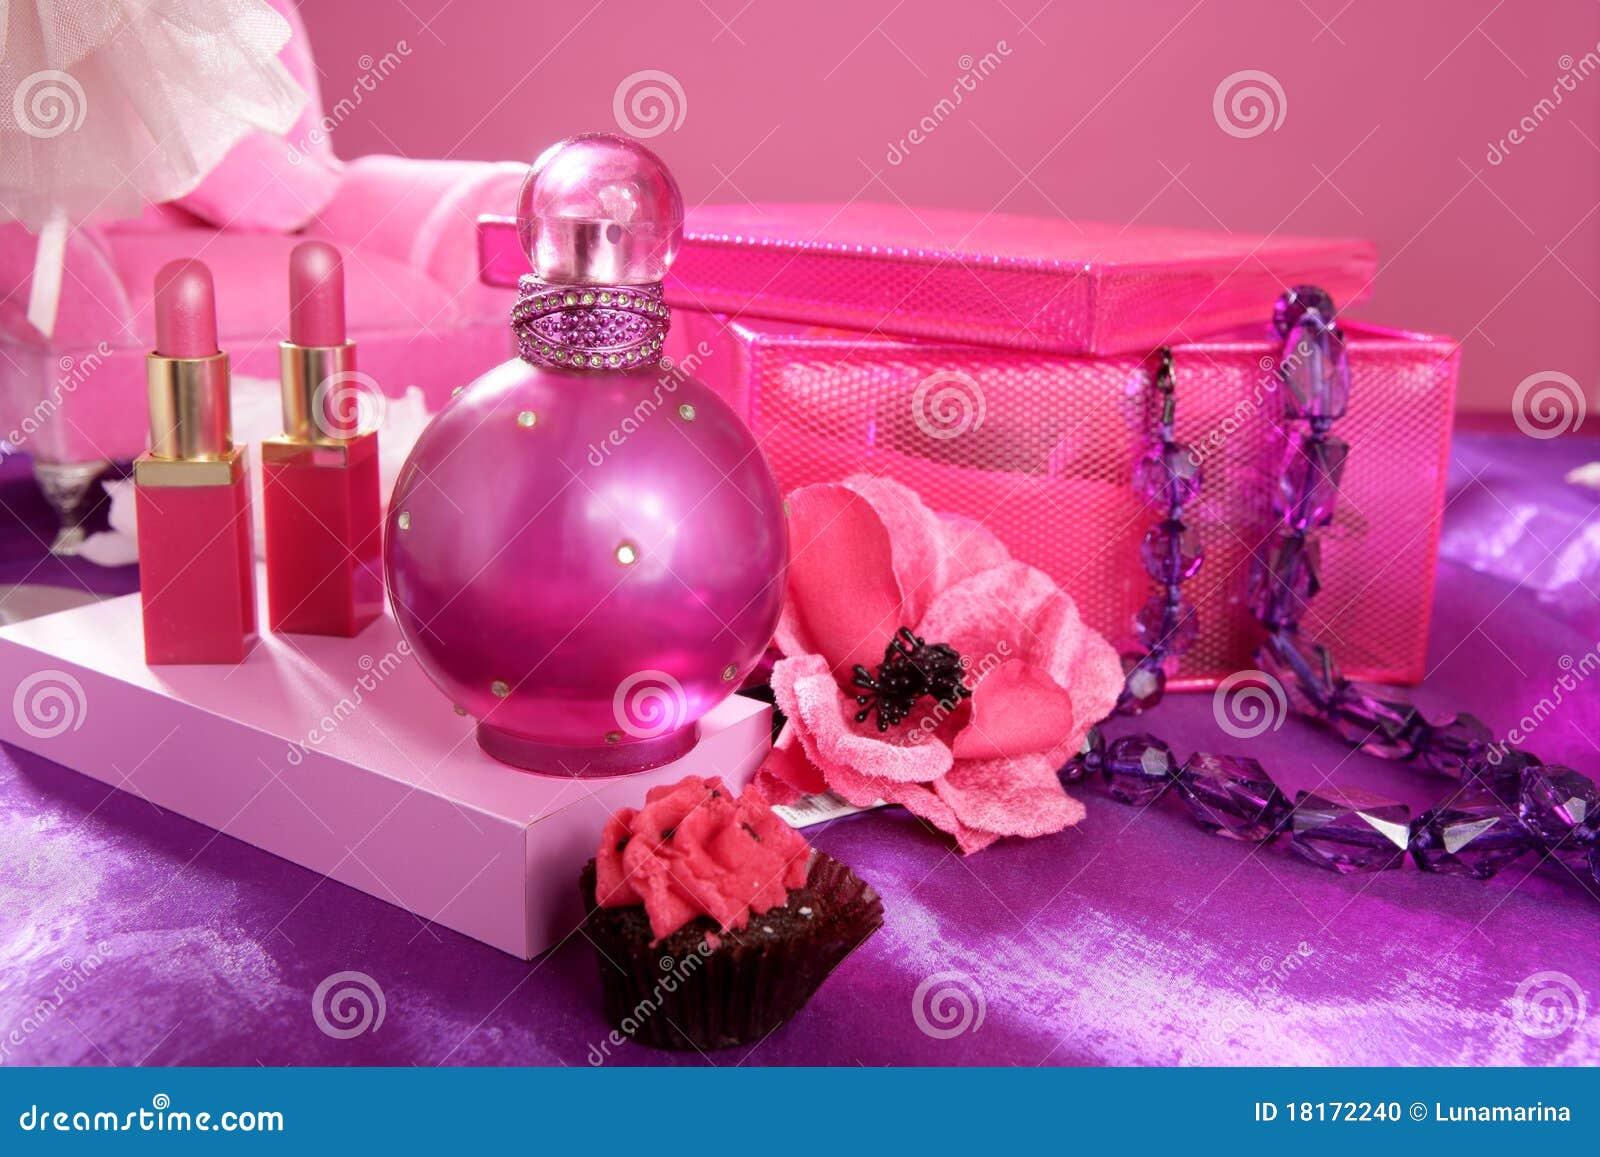 Table de rectification de vanité de renivellement de mode de type de Barbie